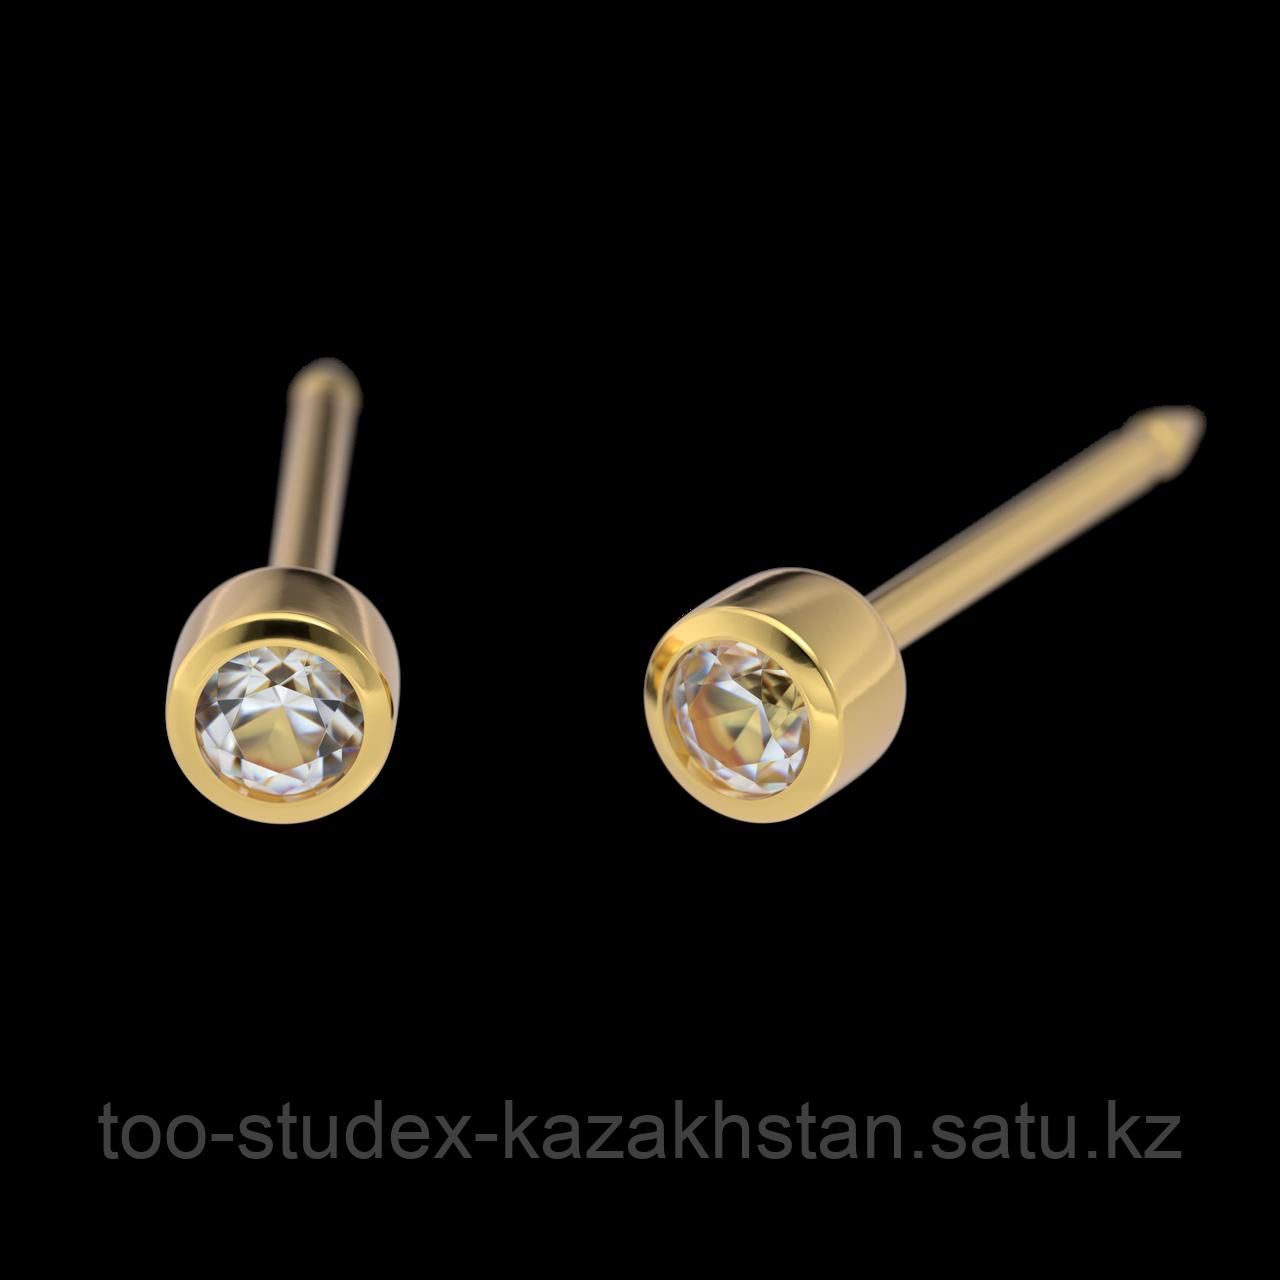 """7531-0204 Серьги-иглы System75™ с цветными кристаллами """"Хрусталь"""""""